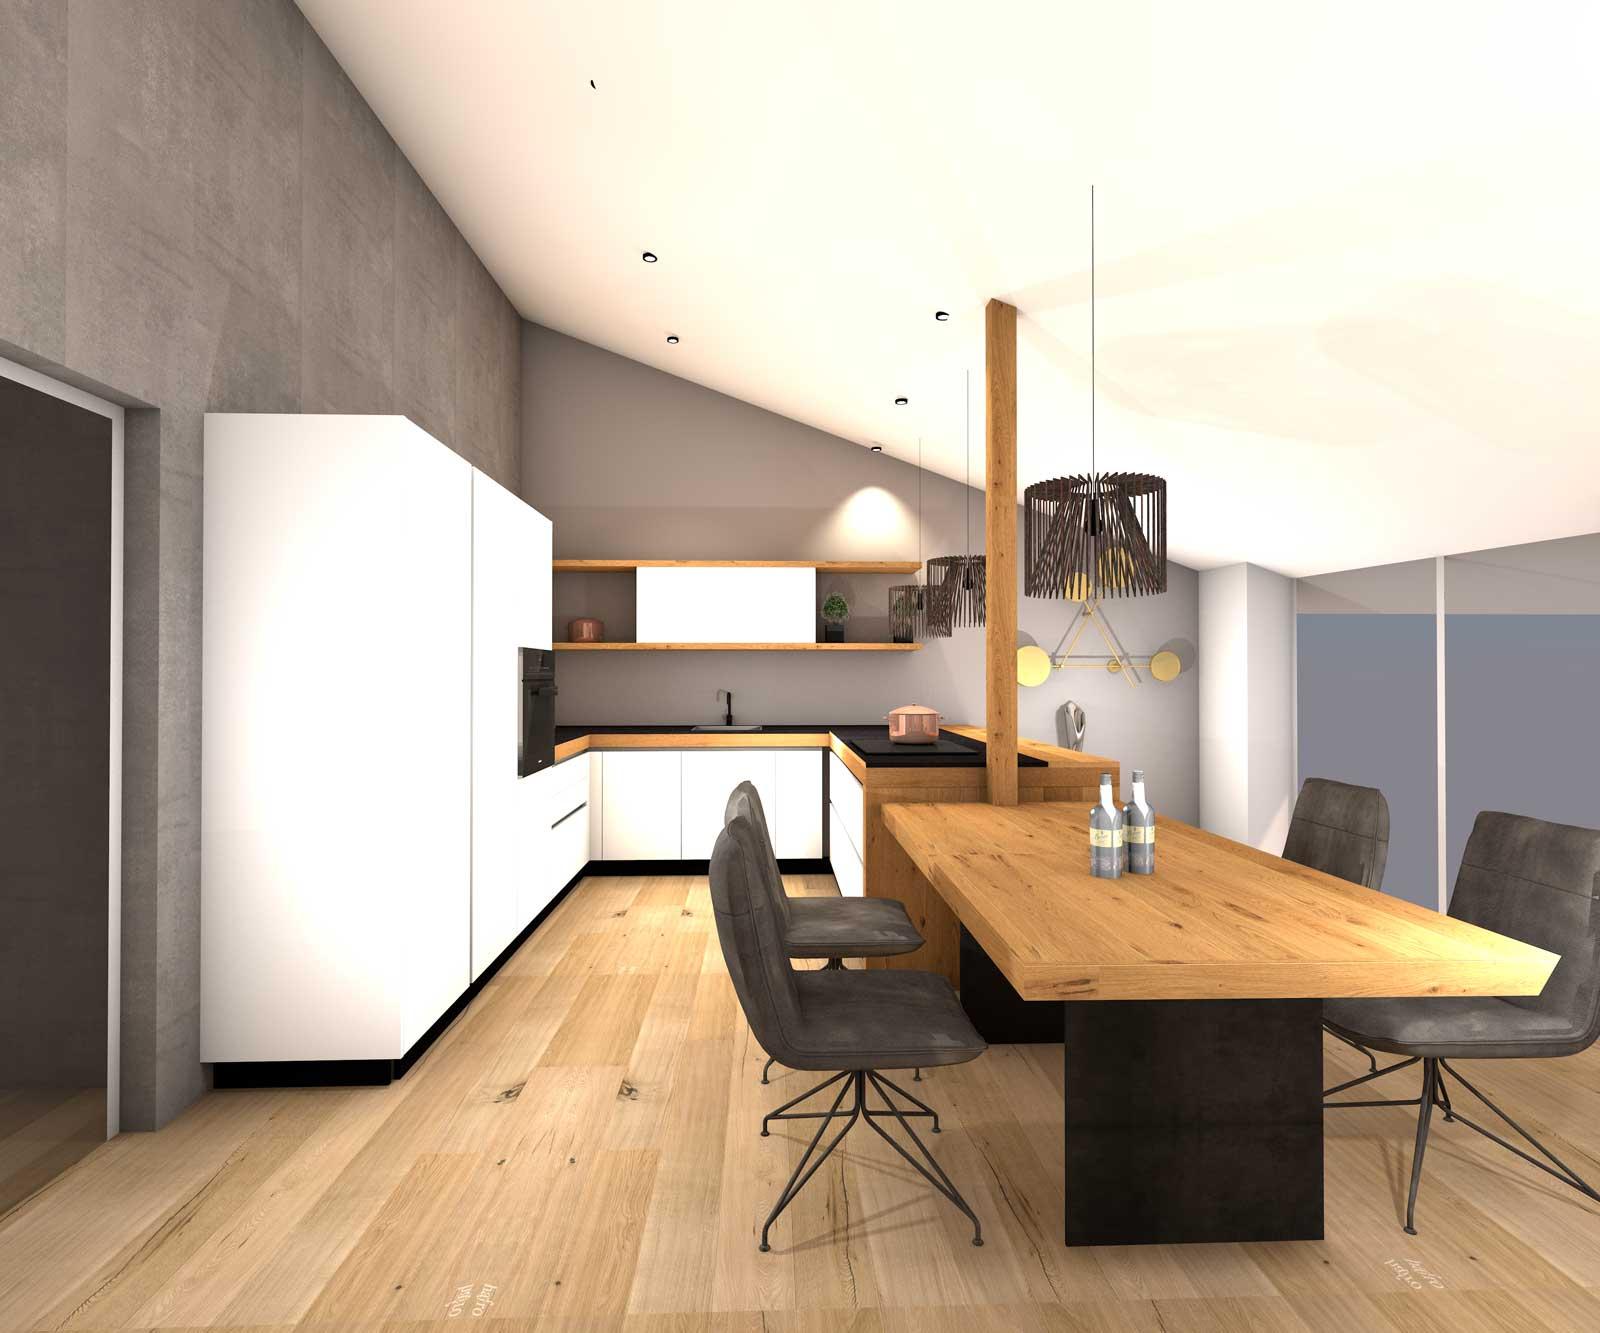 Entwurf Küche mit Eiche